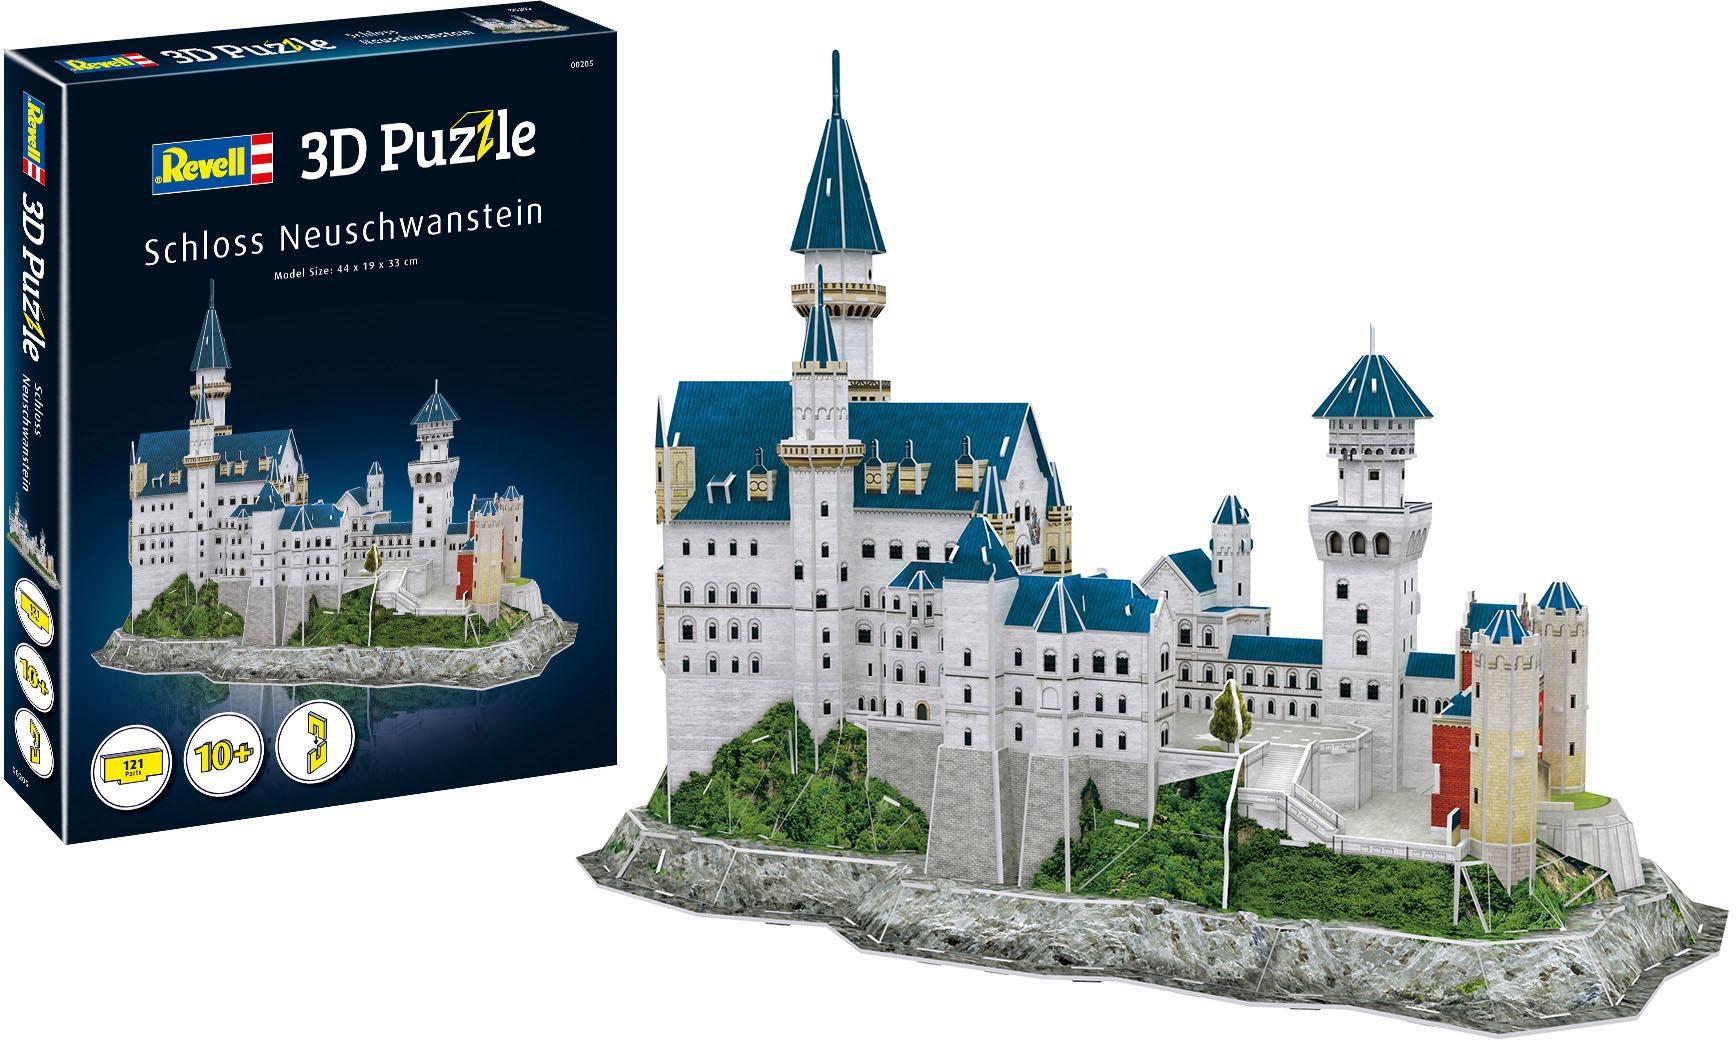 Revell 3D-Puzzle Schloss Neuschwanstein bunt Kinder Ab 9-11 Jahren Altersempfehlung